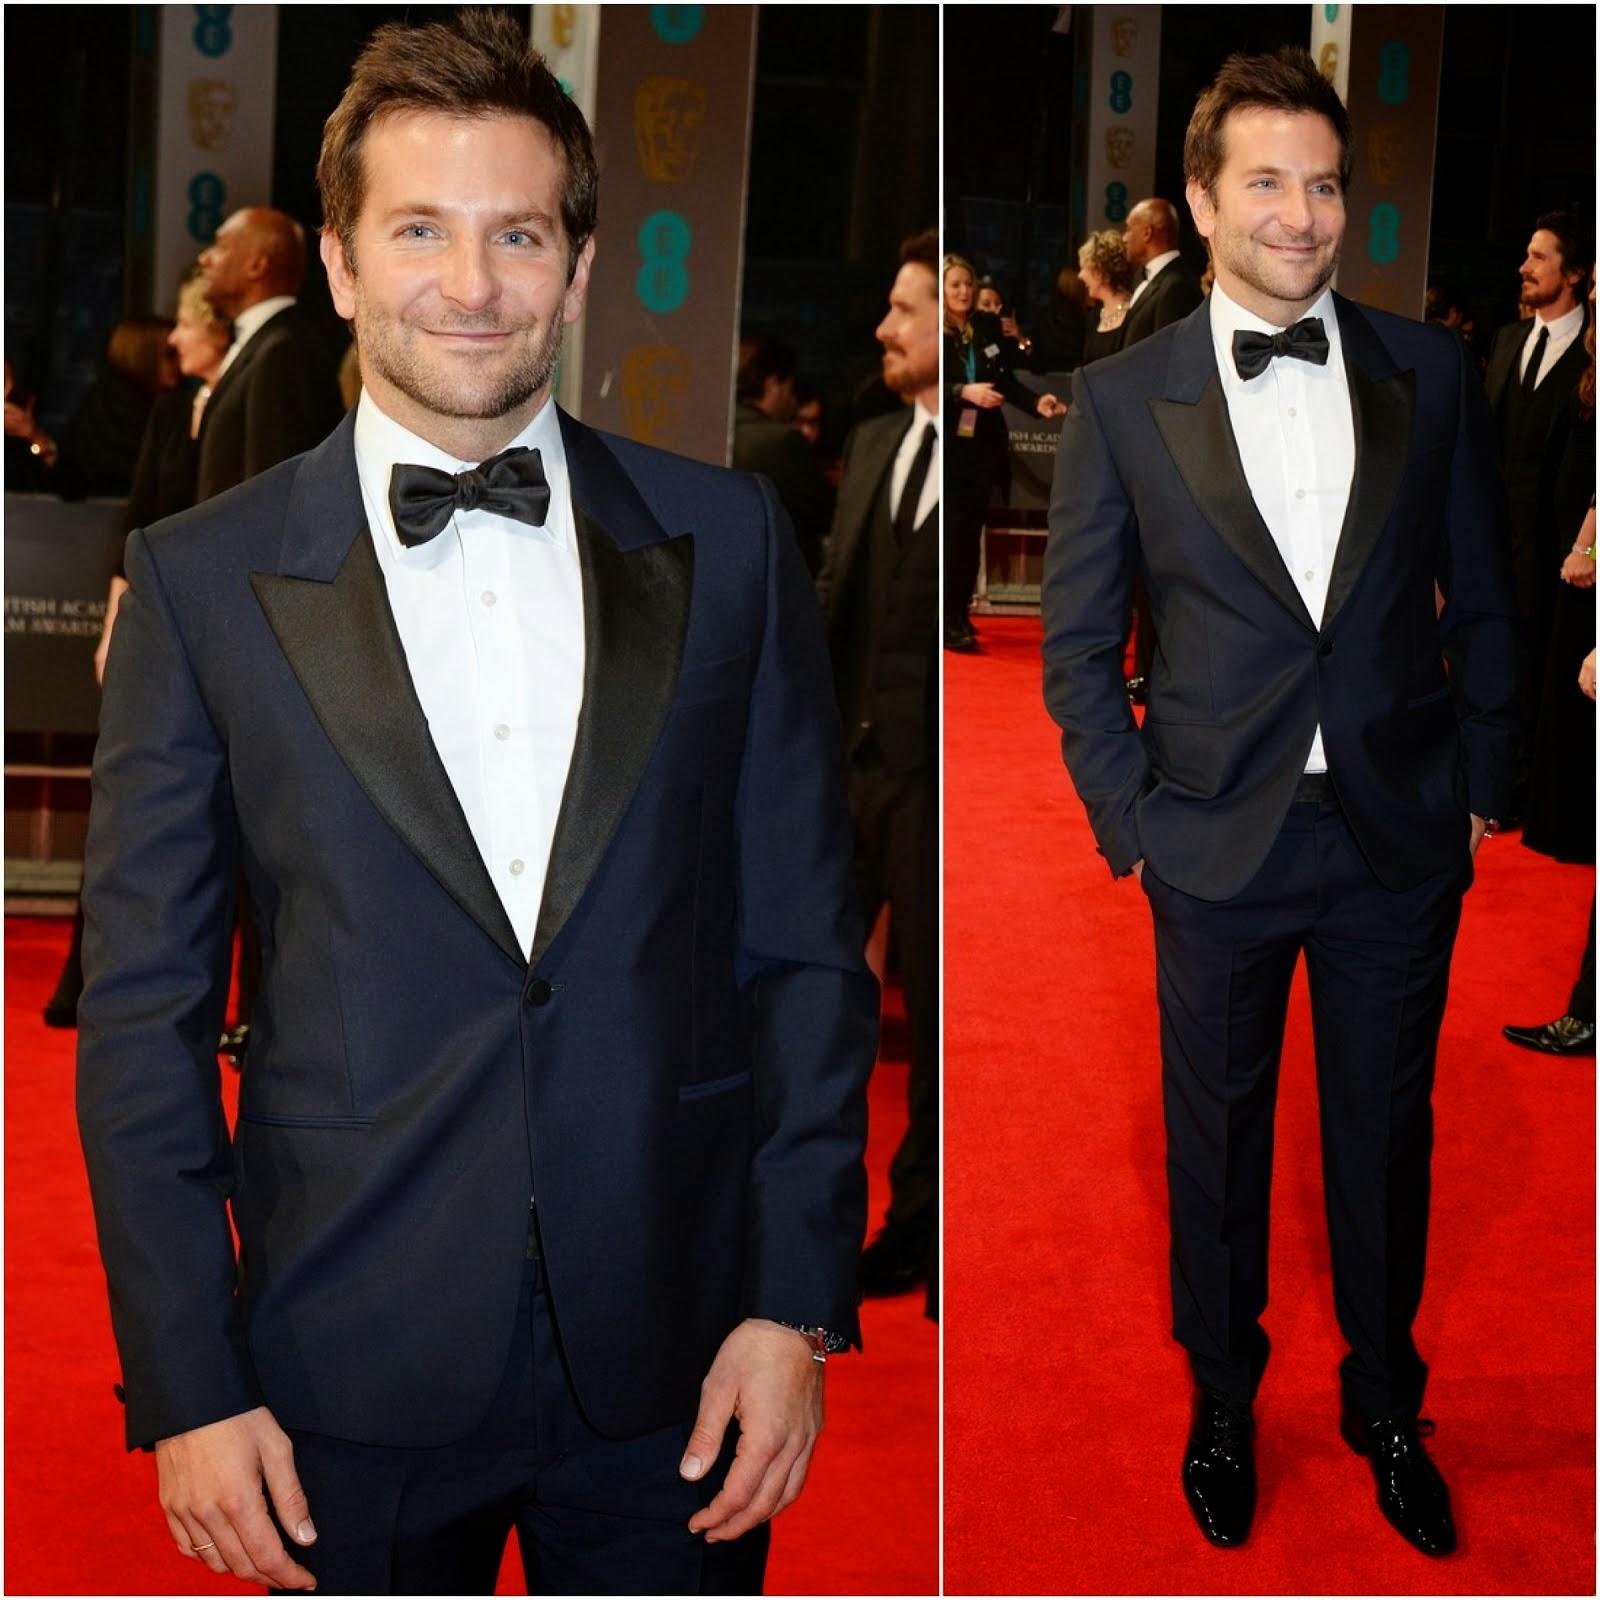 Bradley Cooper in Alexander McQueen - BAFTAs 2014